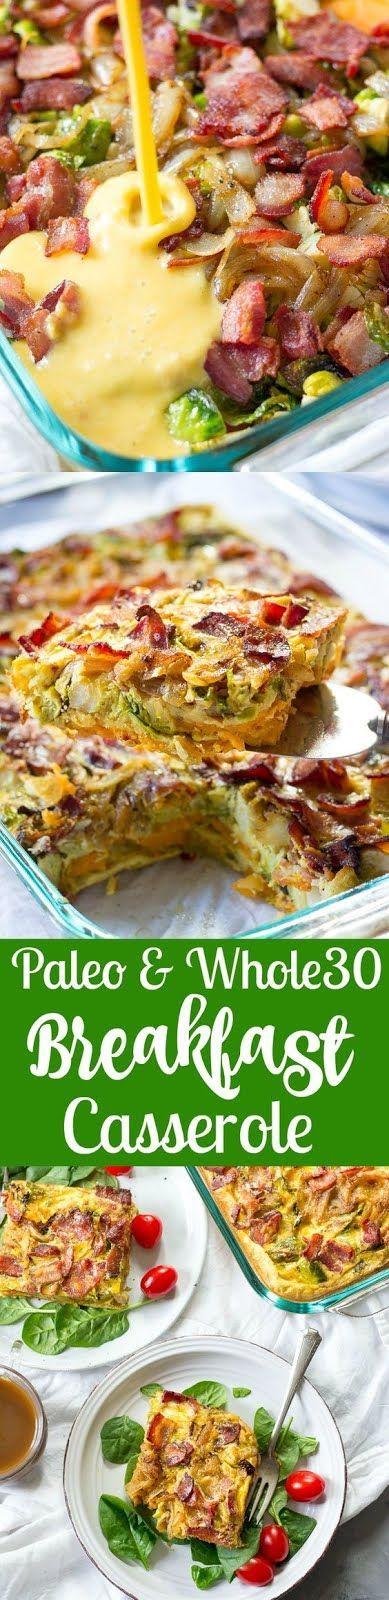 Paleo Breakfast Casserole (Whole30)